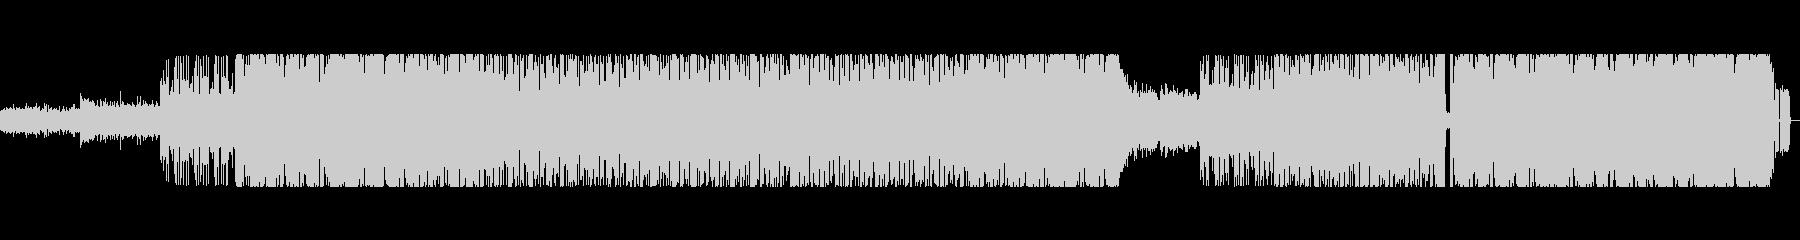 元気の出る明るい曲調のインスト曲の未再生の波形